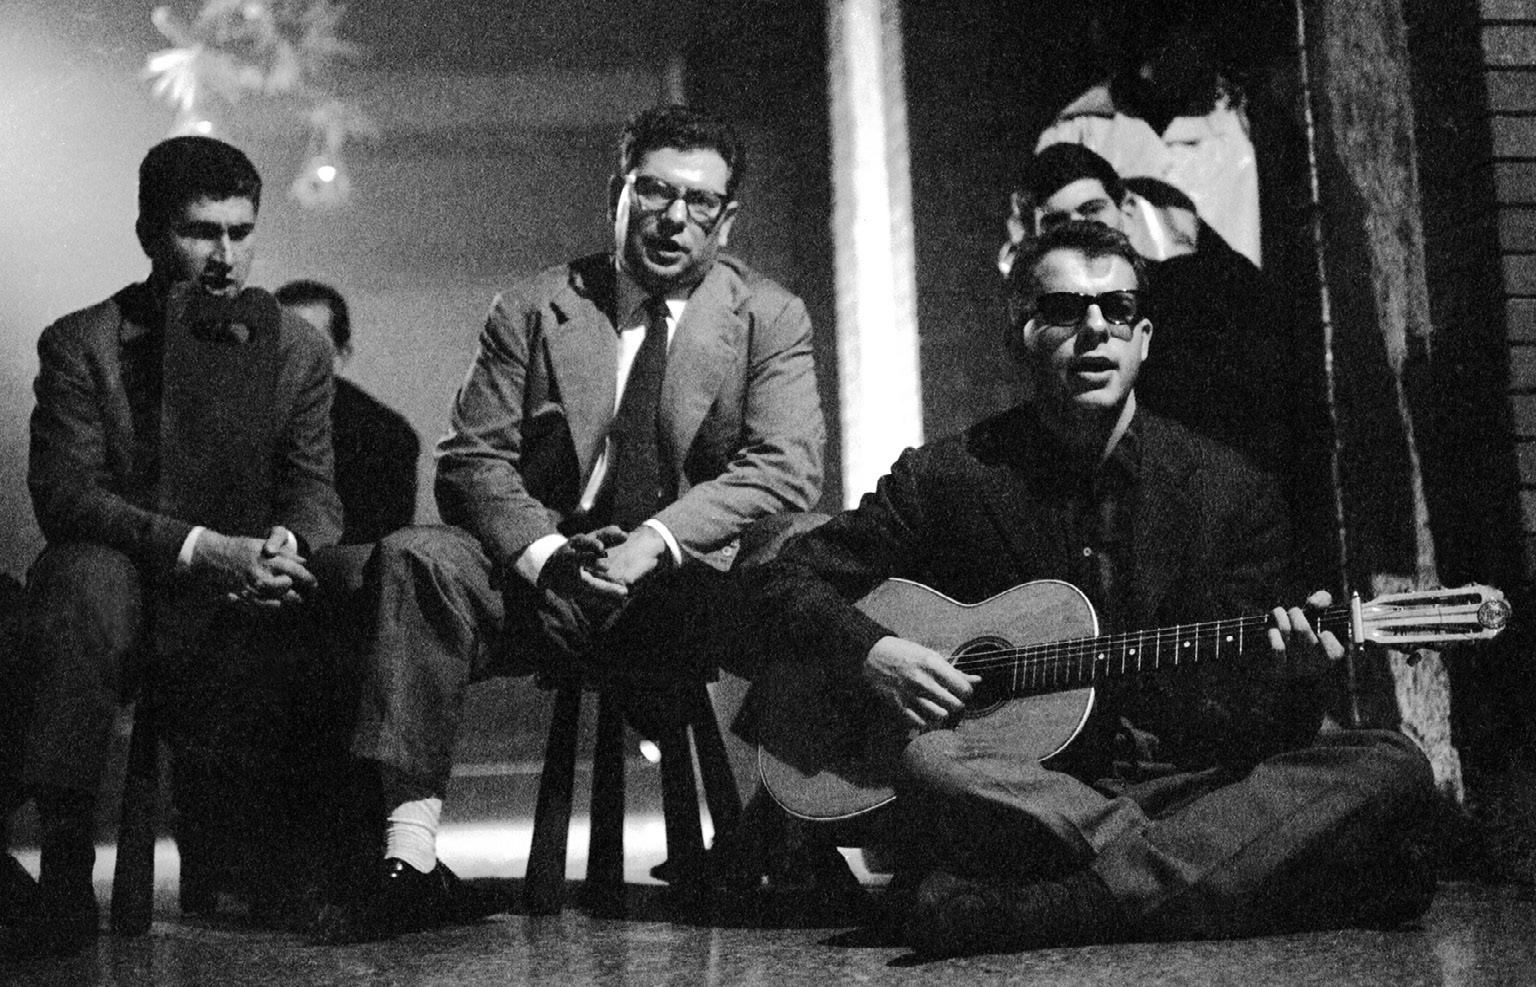 FIGURA 4. Da sinistra: Franco Coggiola, Roberto Leydi e Bruno Pianta con la chitarra. Torino, sede della Camera del Lavoro, 5 settembre 1965 (foto: R. Schwamenthal).